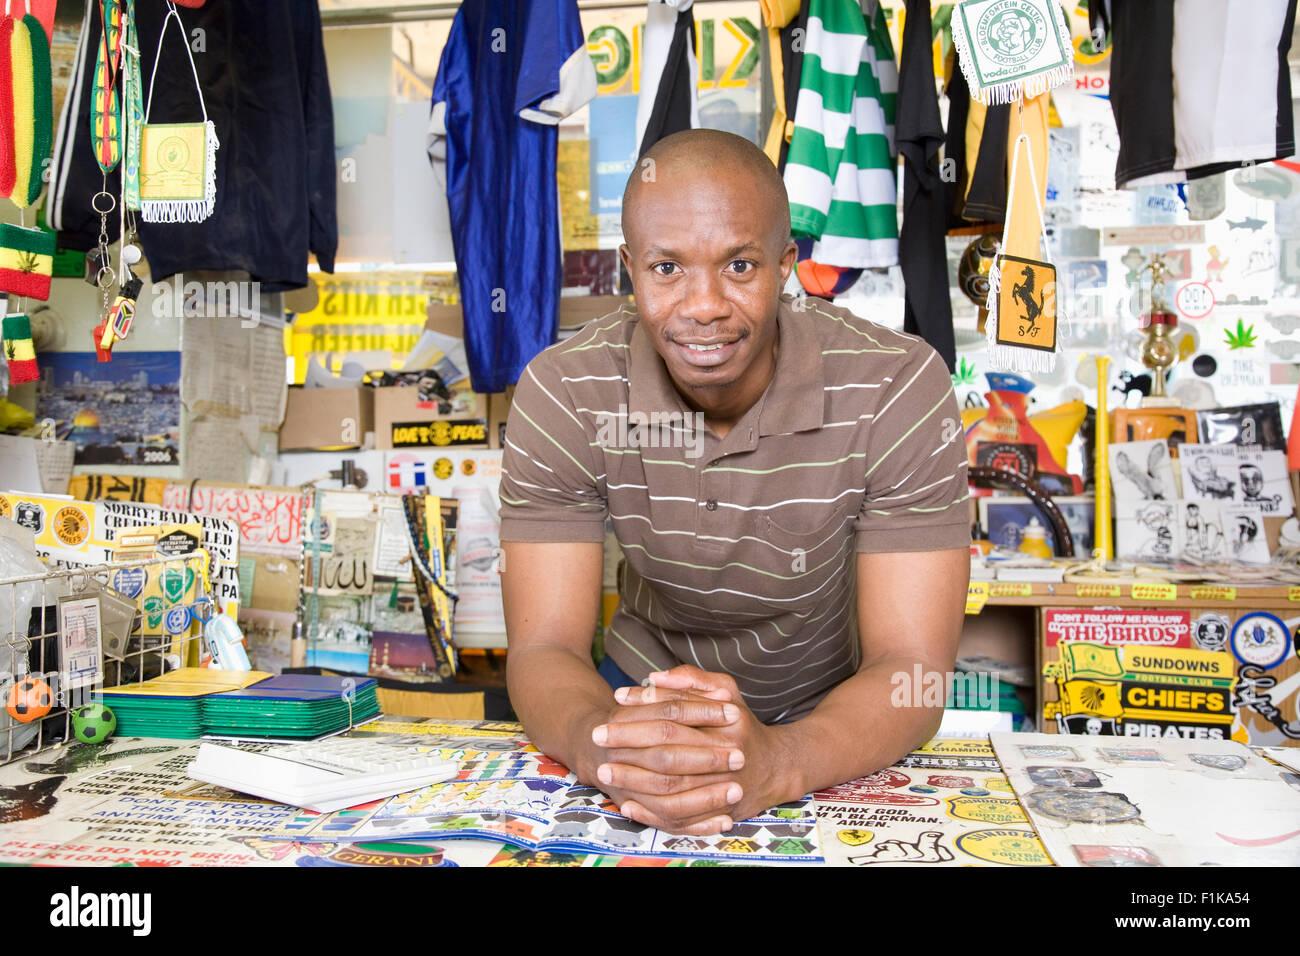 Man selling soccer memorabilia in spaza shop - Stock Image